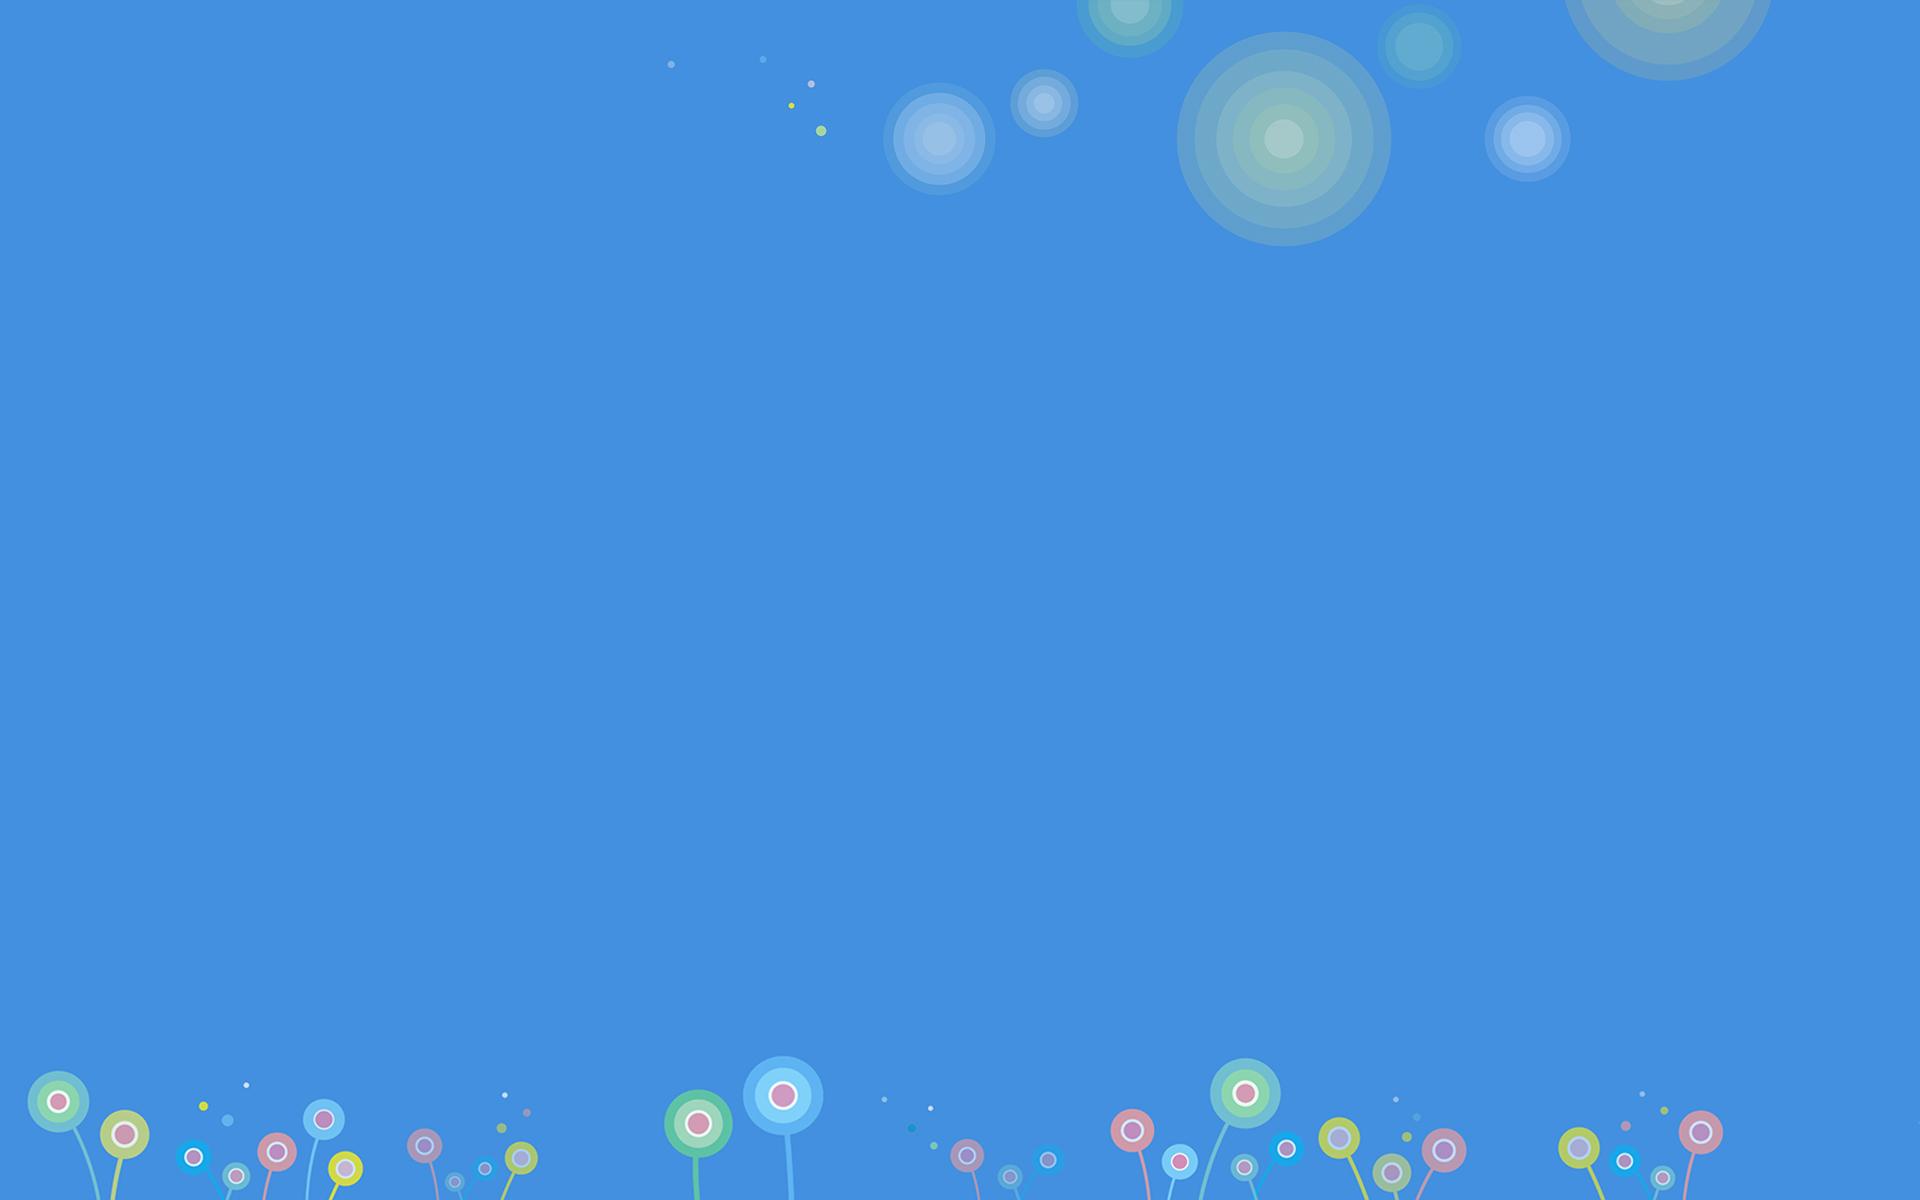 Windows 8 Pro Start Wallpaper 4 by ...